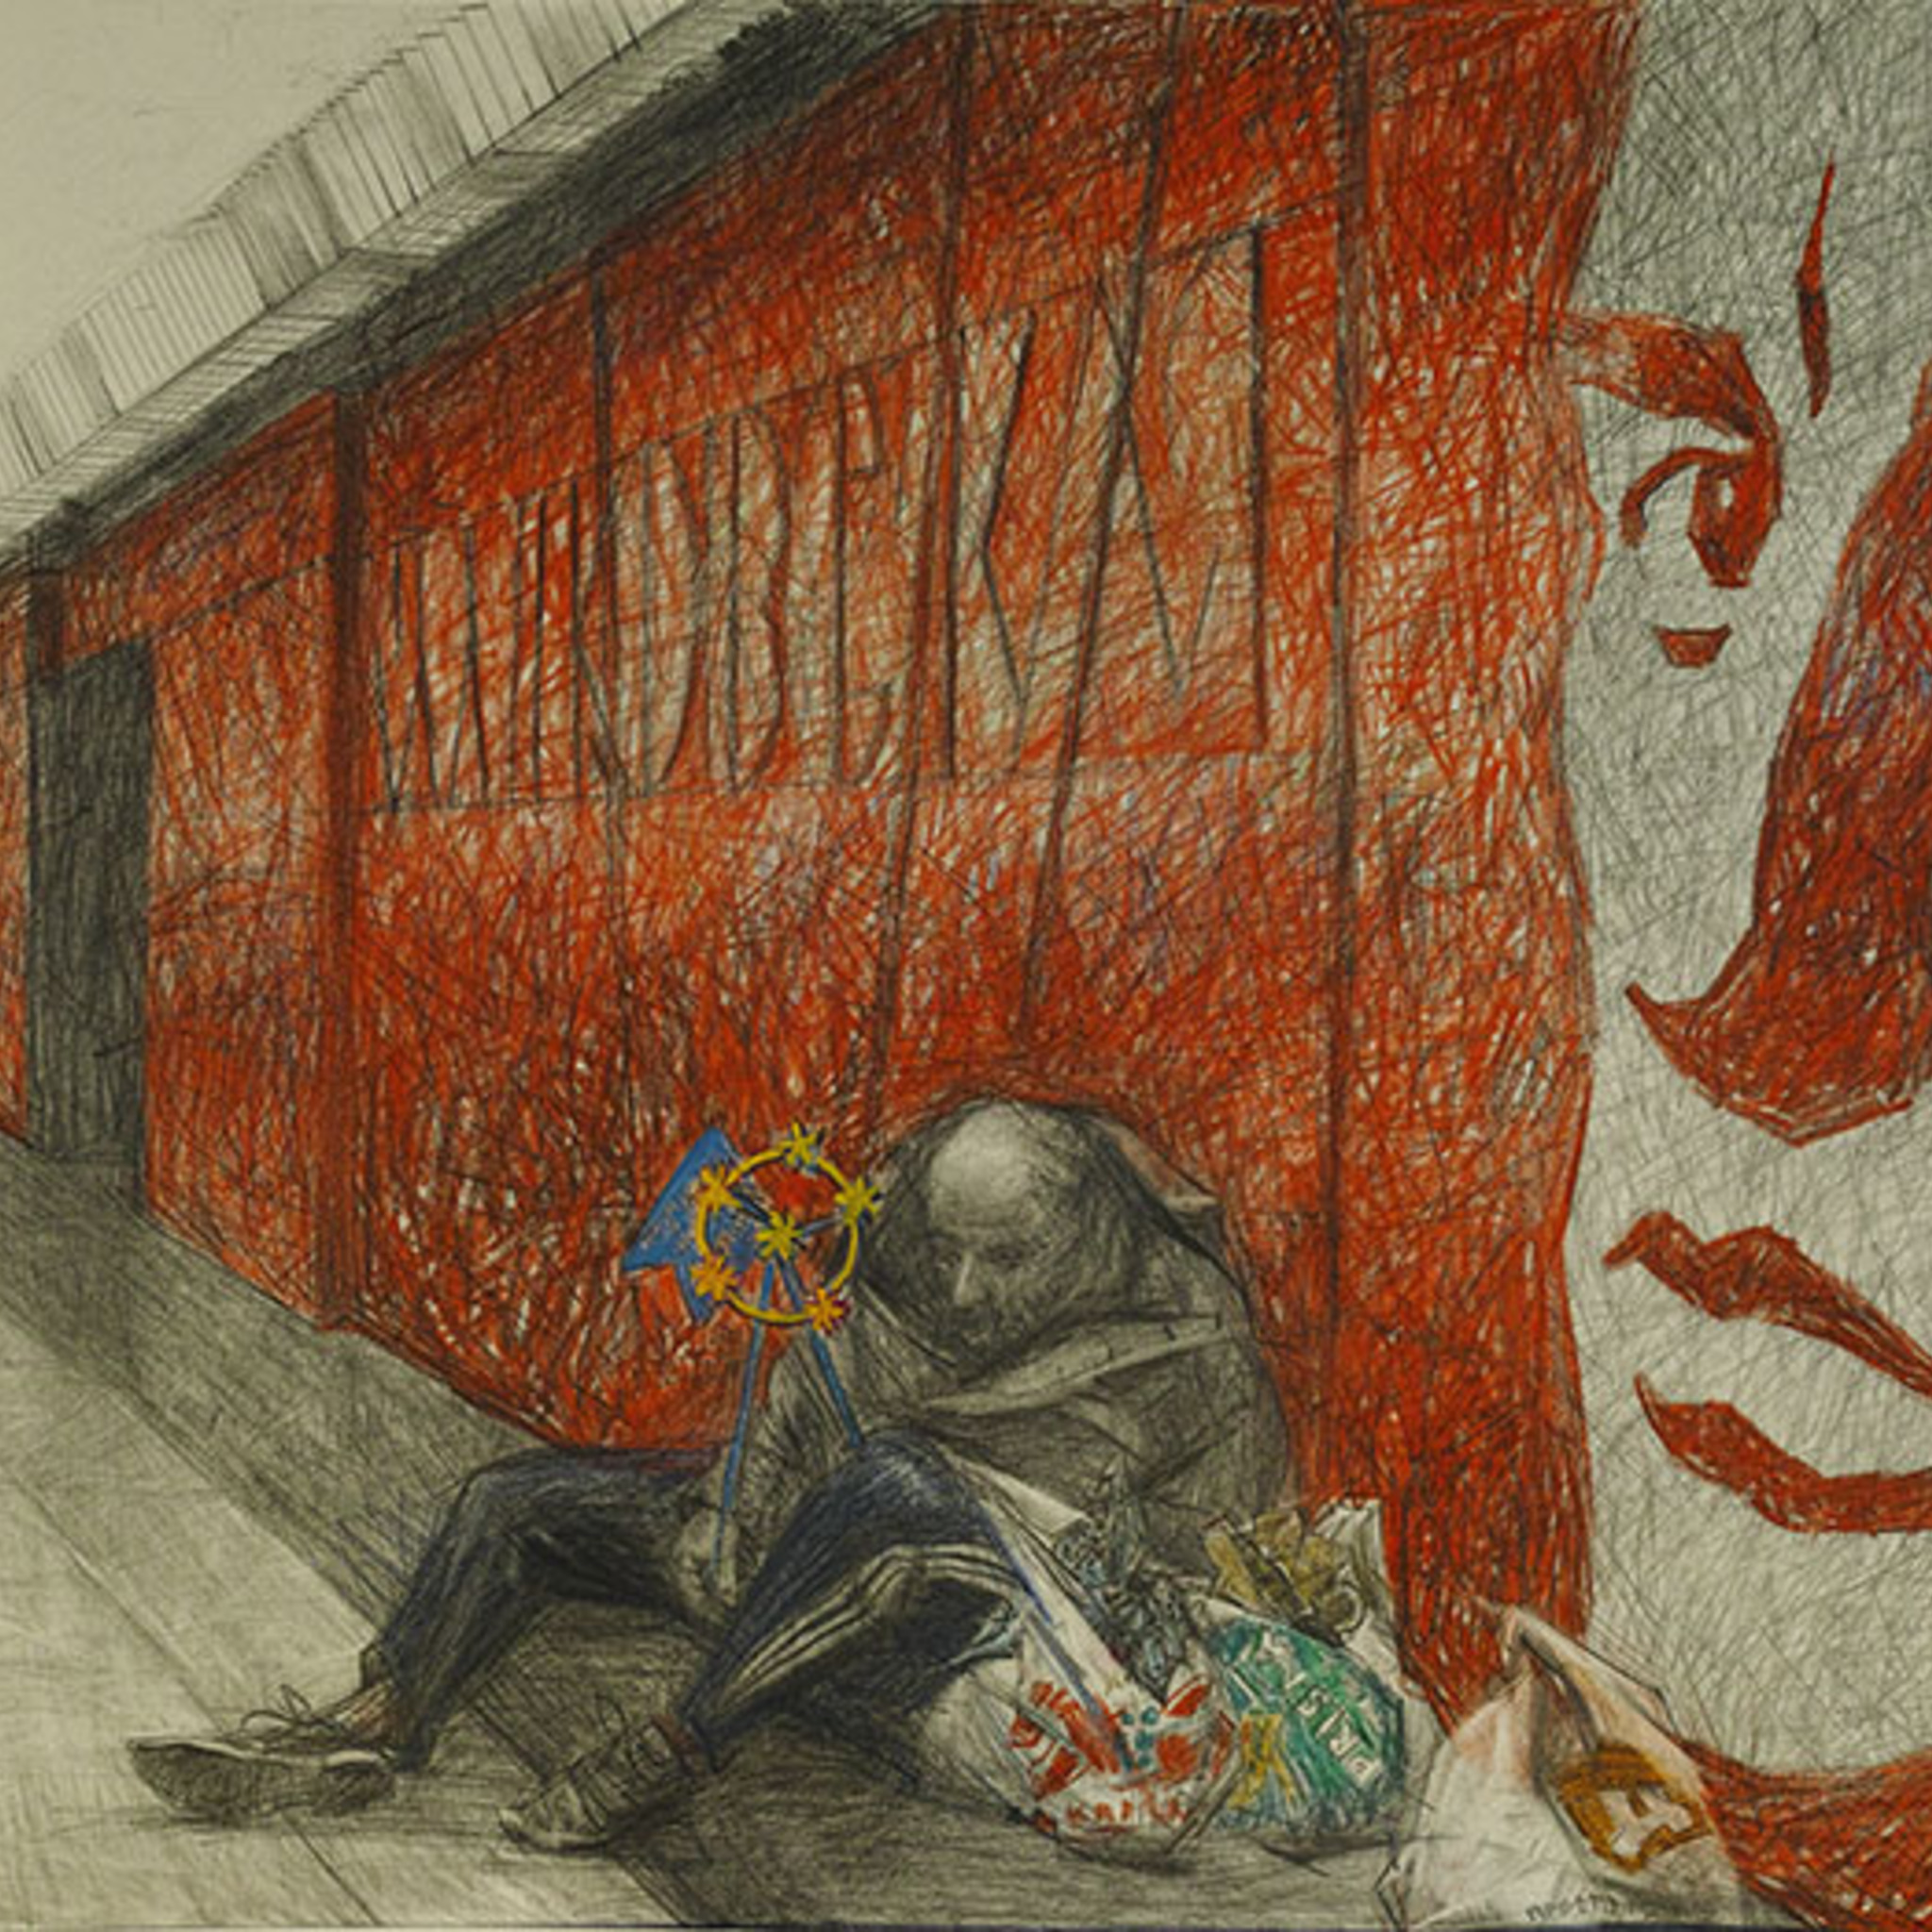 Выставка работ молодых художников-графиков «Общее место»